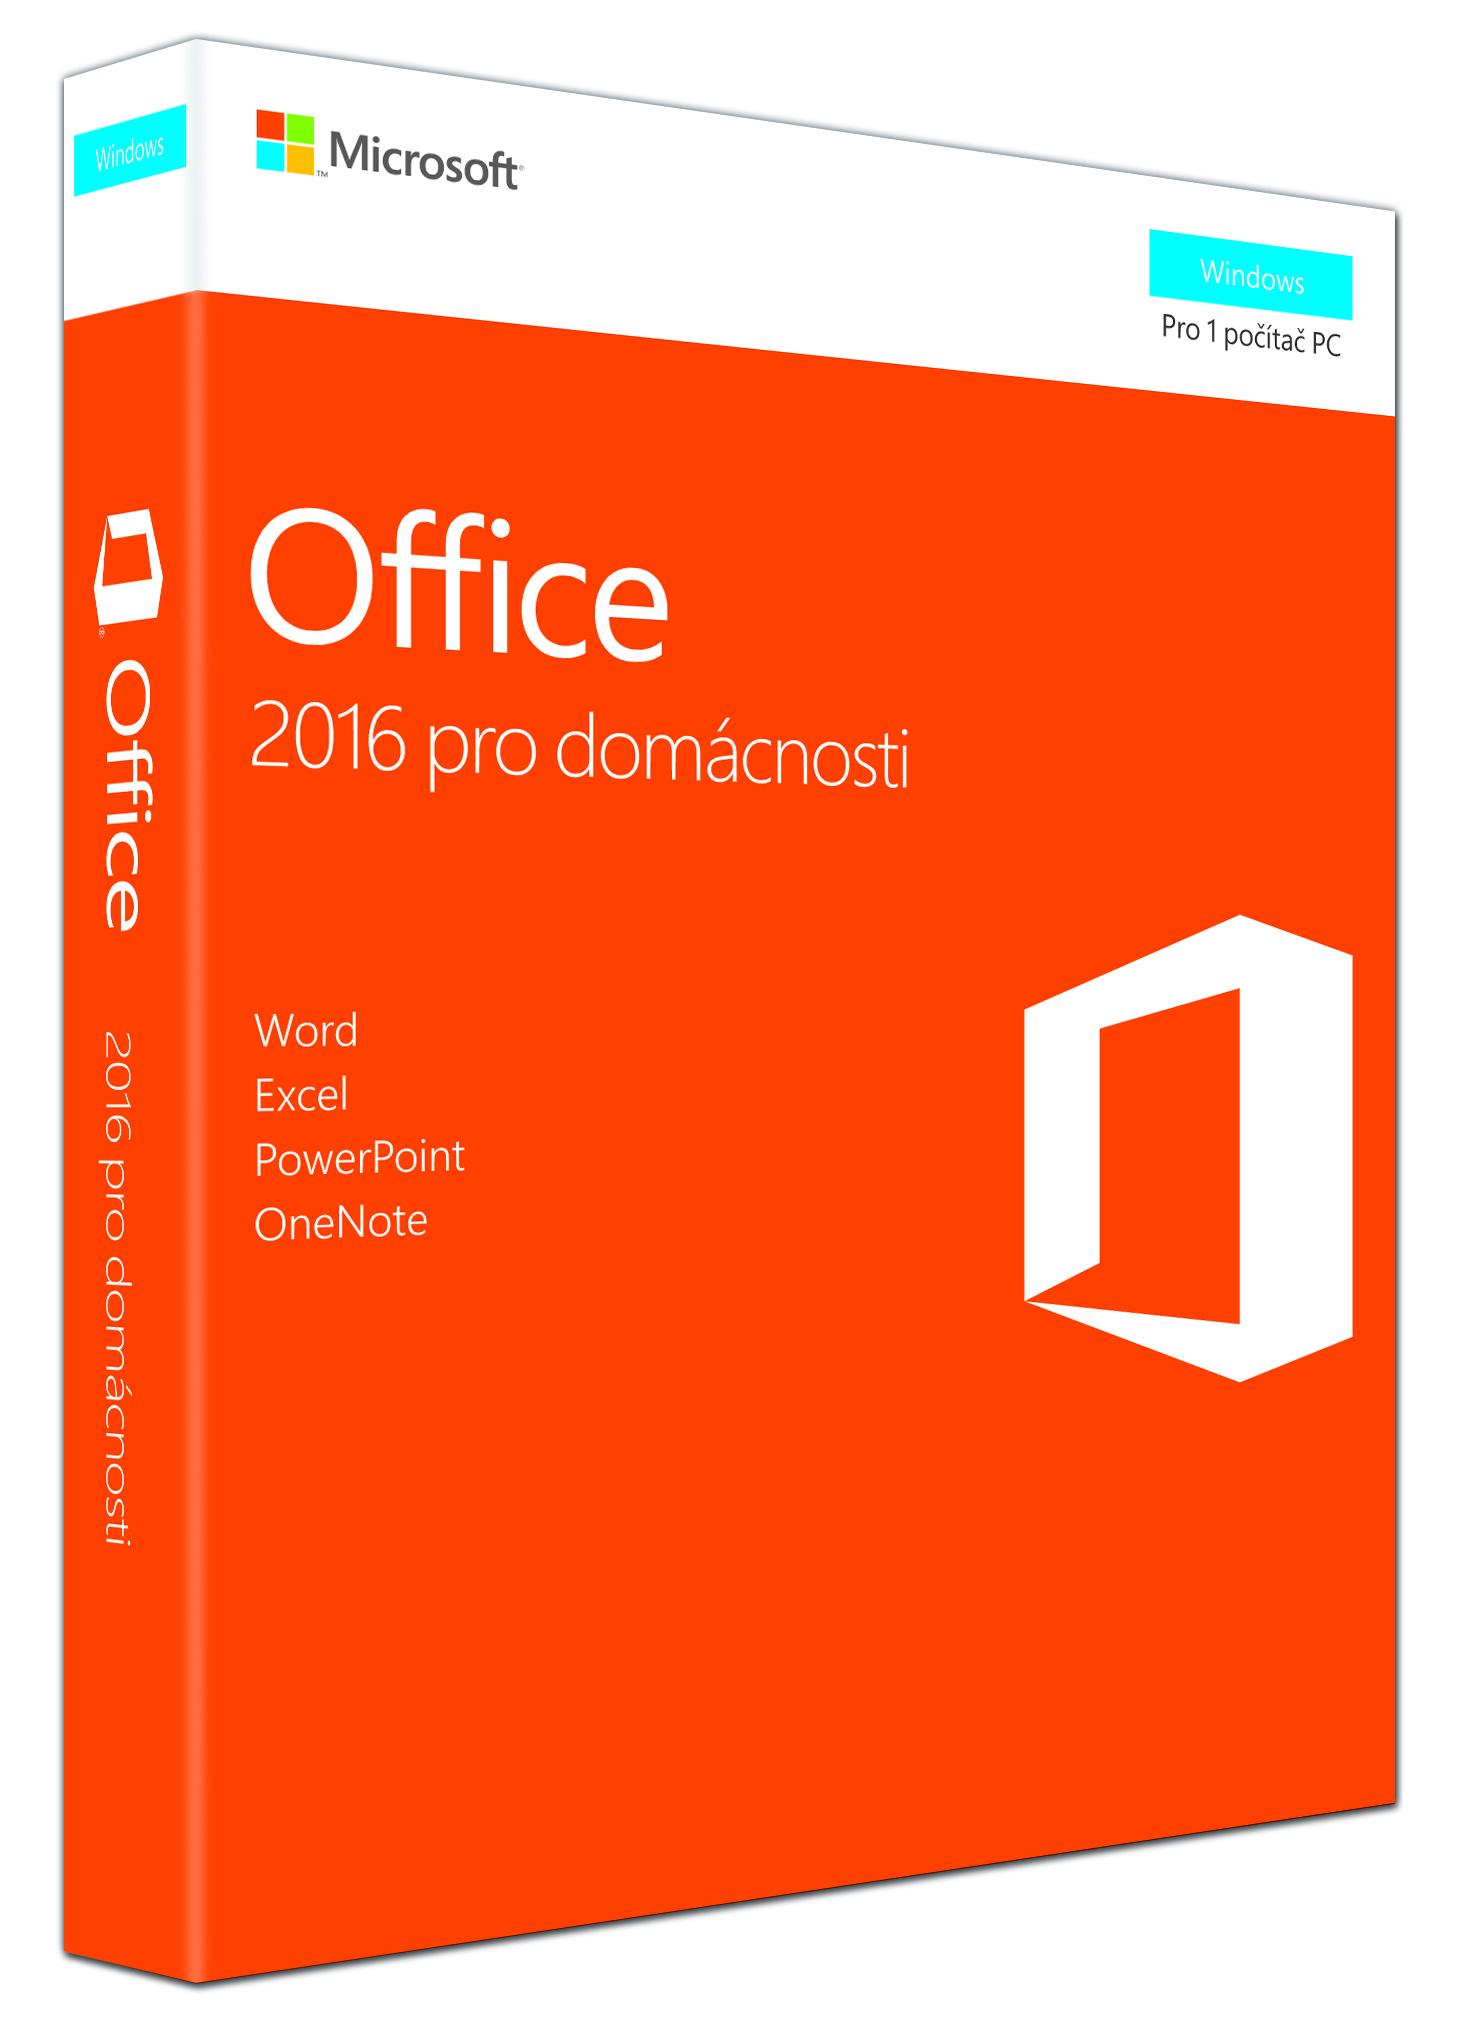 MS FPP Office 2016 pro studenty a domácnosti Win EN P2 - bez média